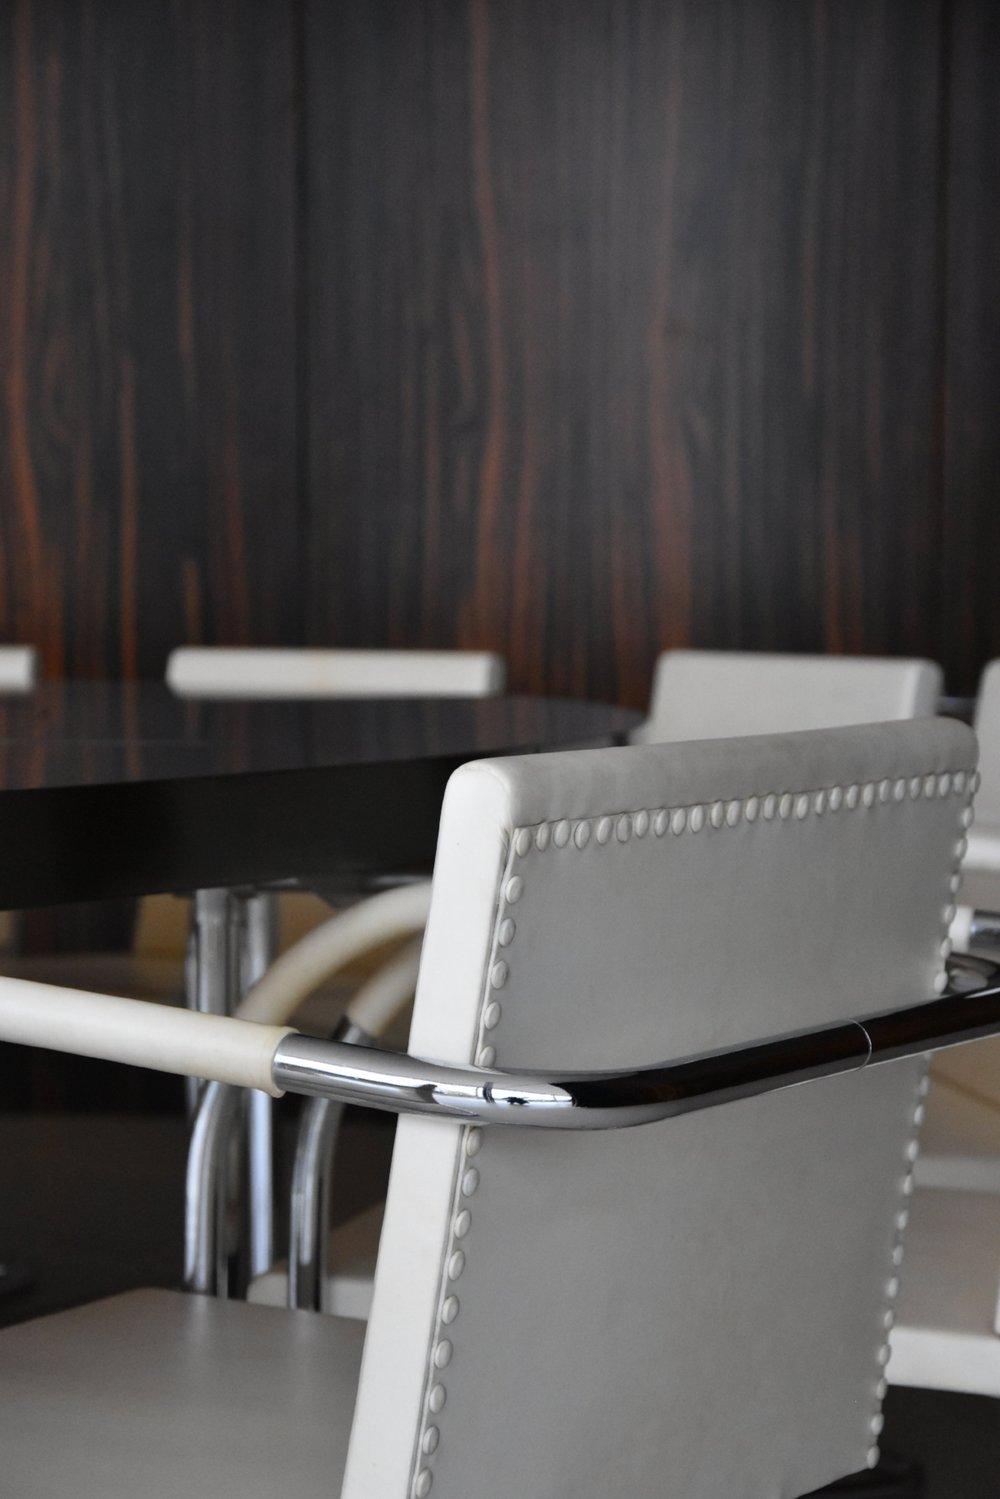 Brnostolen, vid bordet där delningen av Tjeckoslovakien beslutades